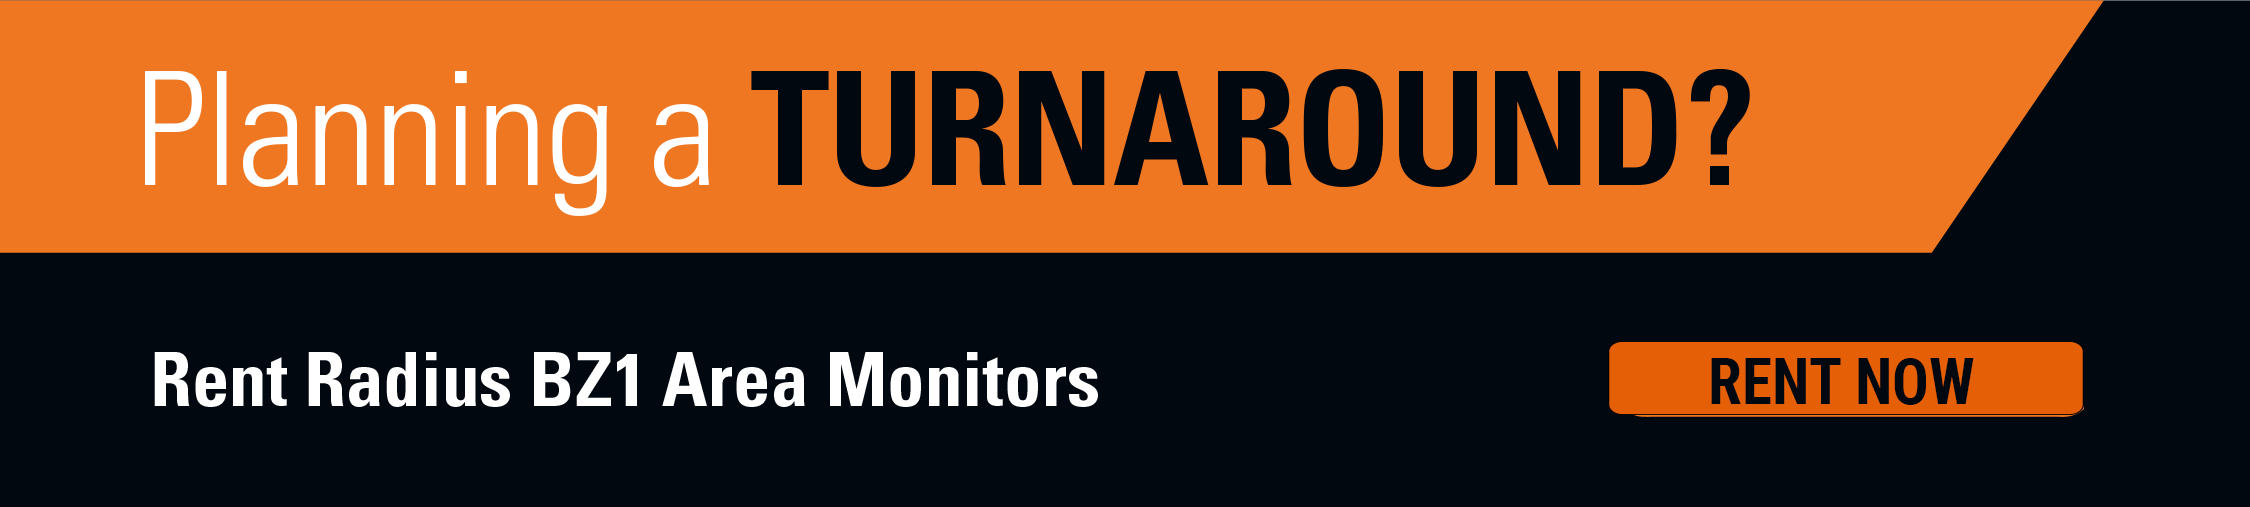 Huur direct Area-Monitors voor uw stops of turnarounds